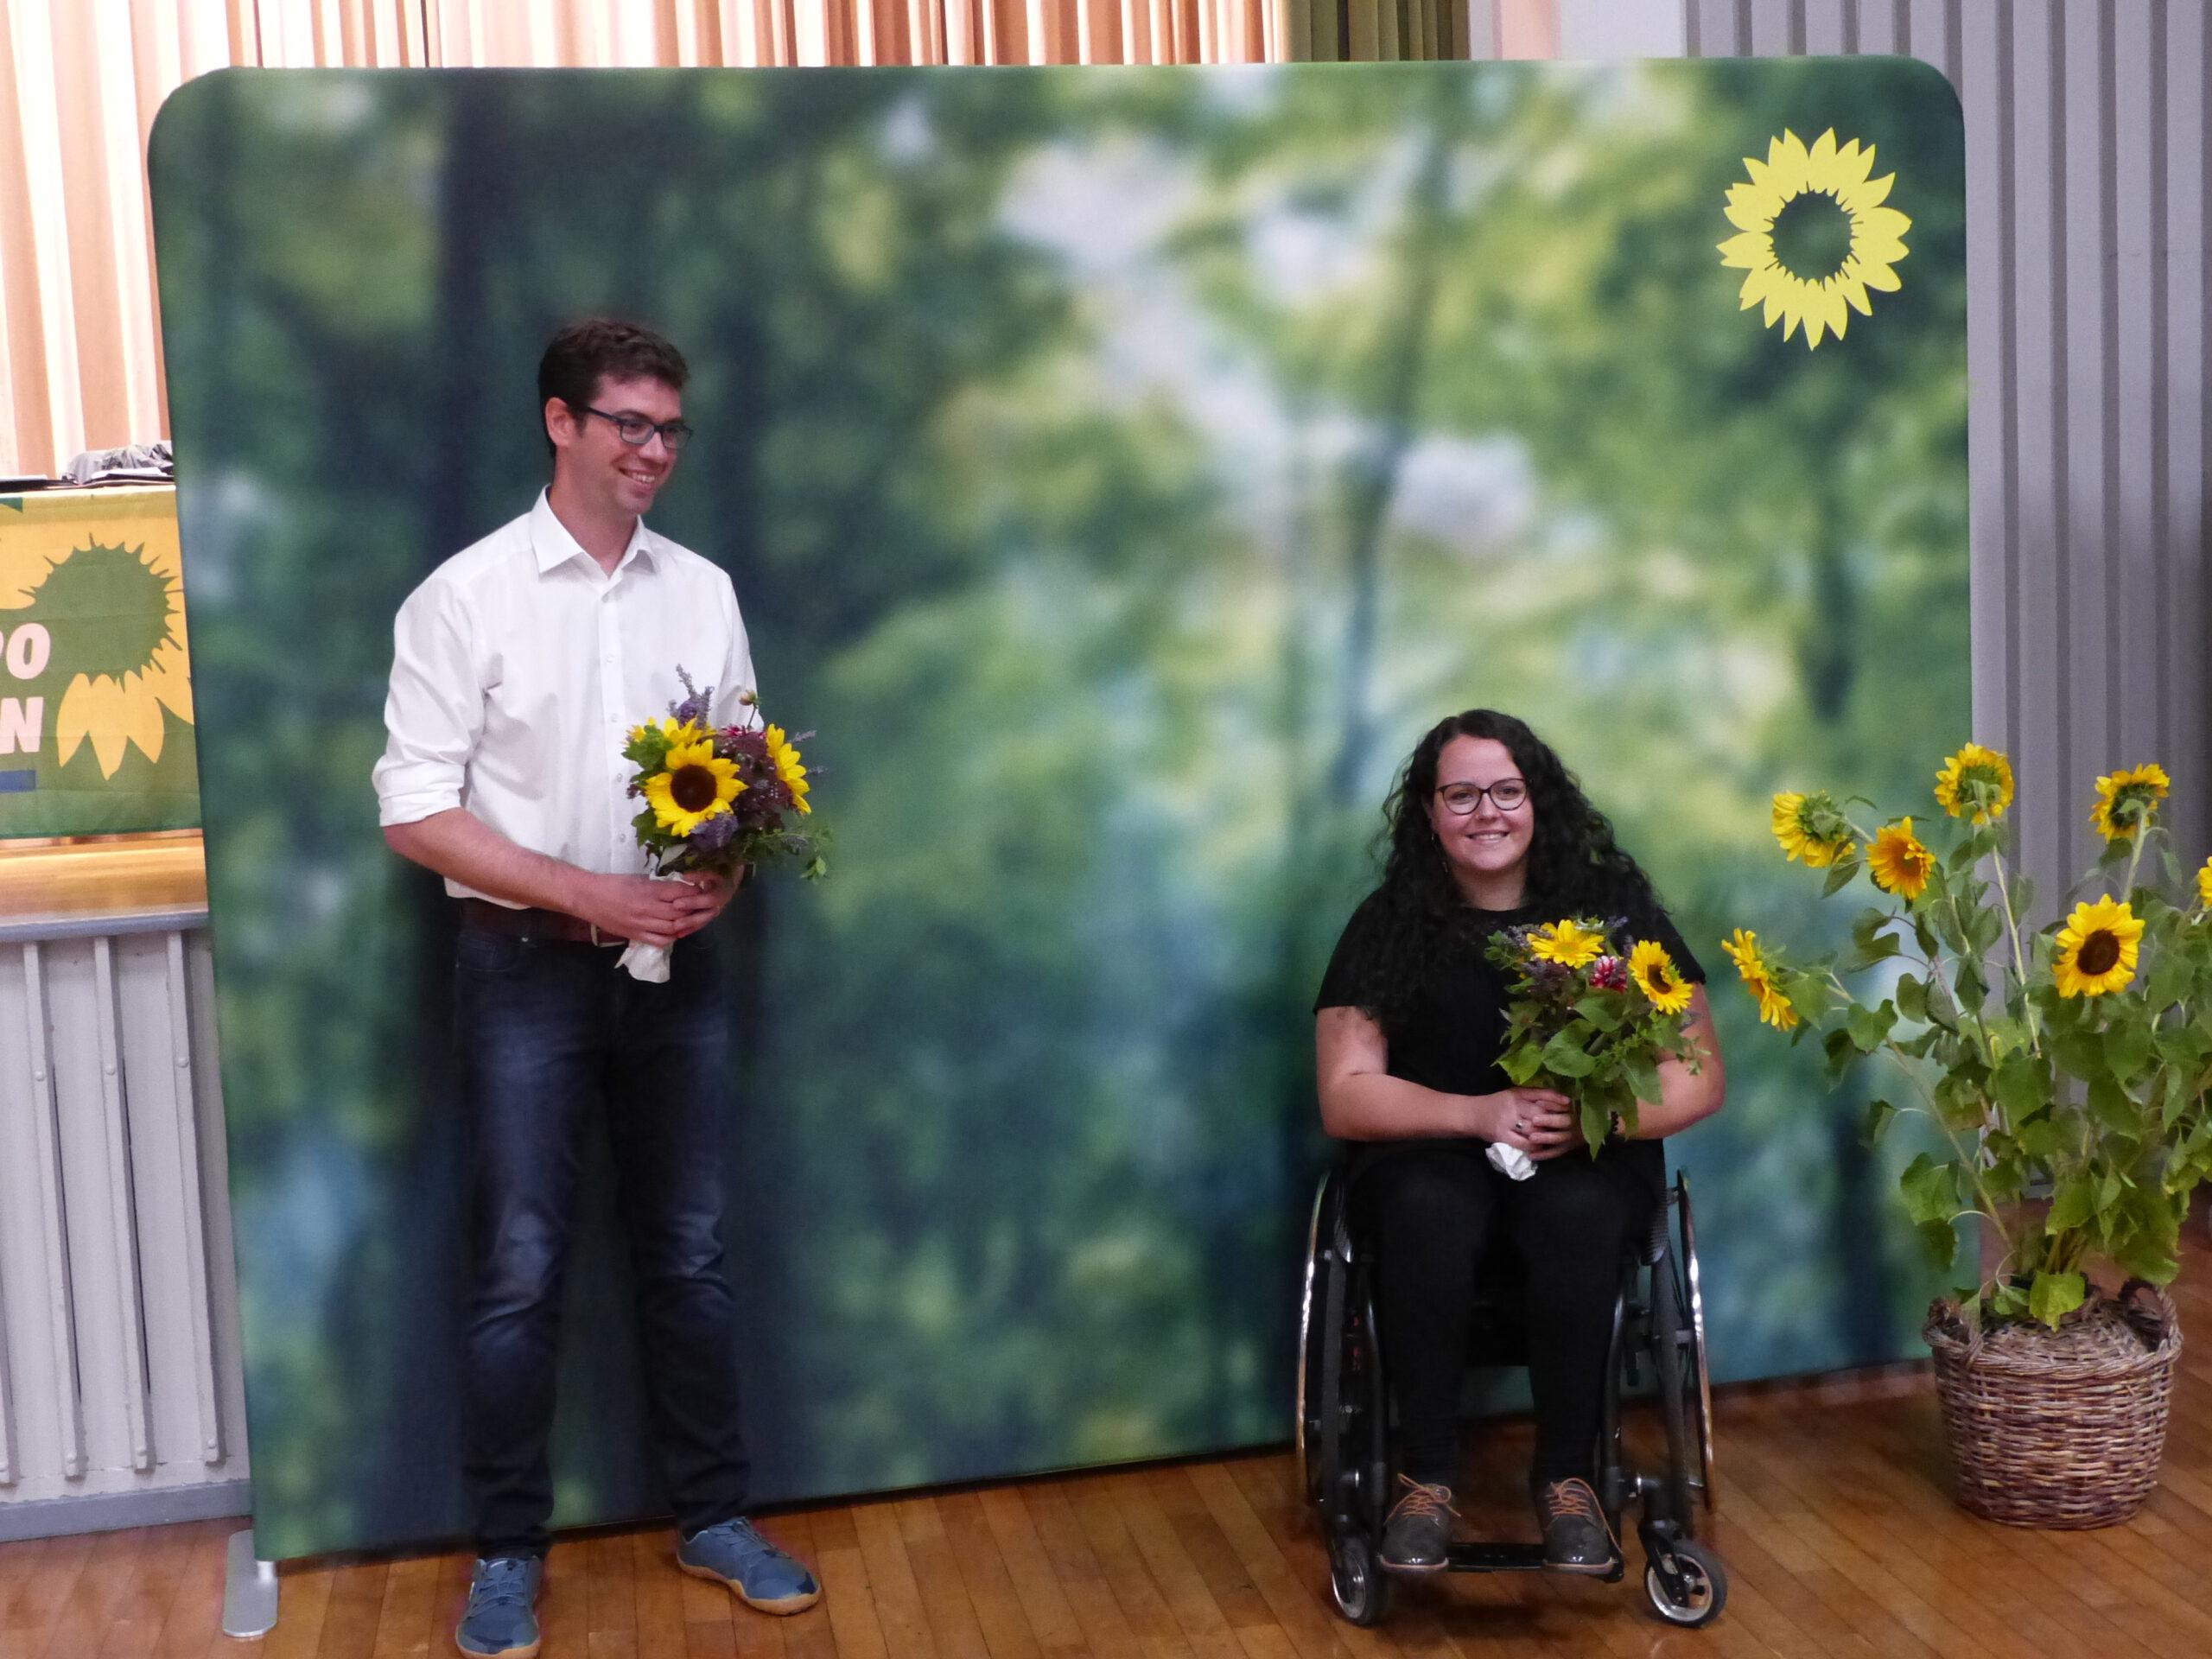 Ralf Nentwich als Kandidat und Juliana Eusebi als Ersatzkandidatin für die Landtagswahl im März 2021 nominiert